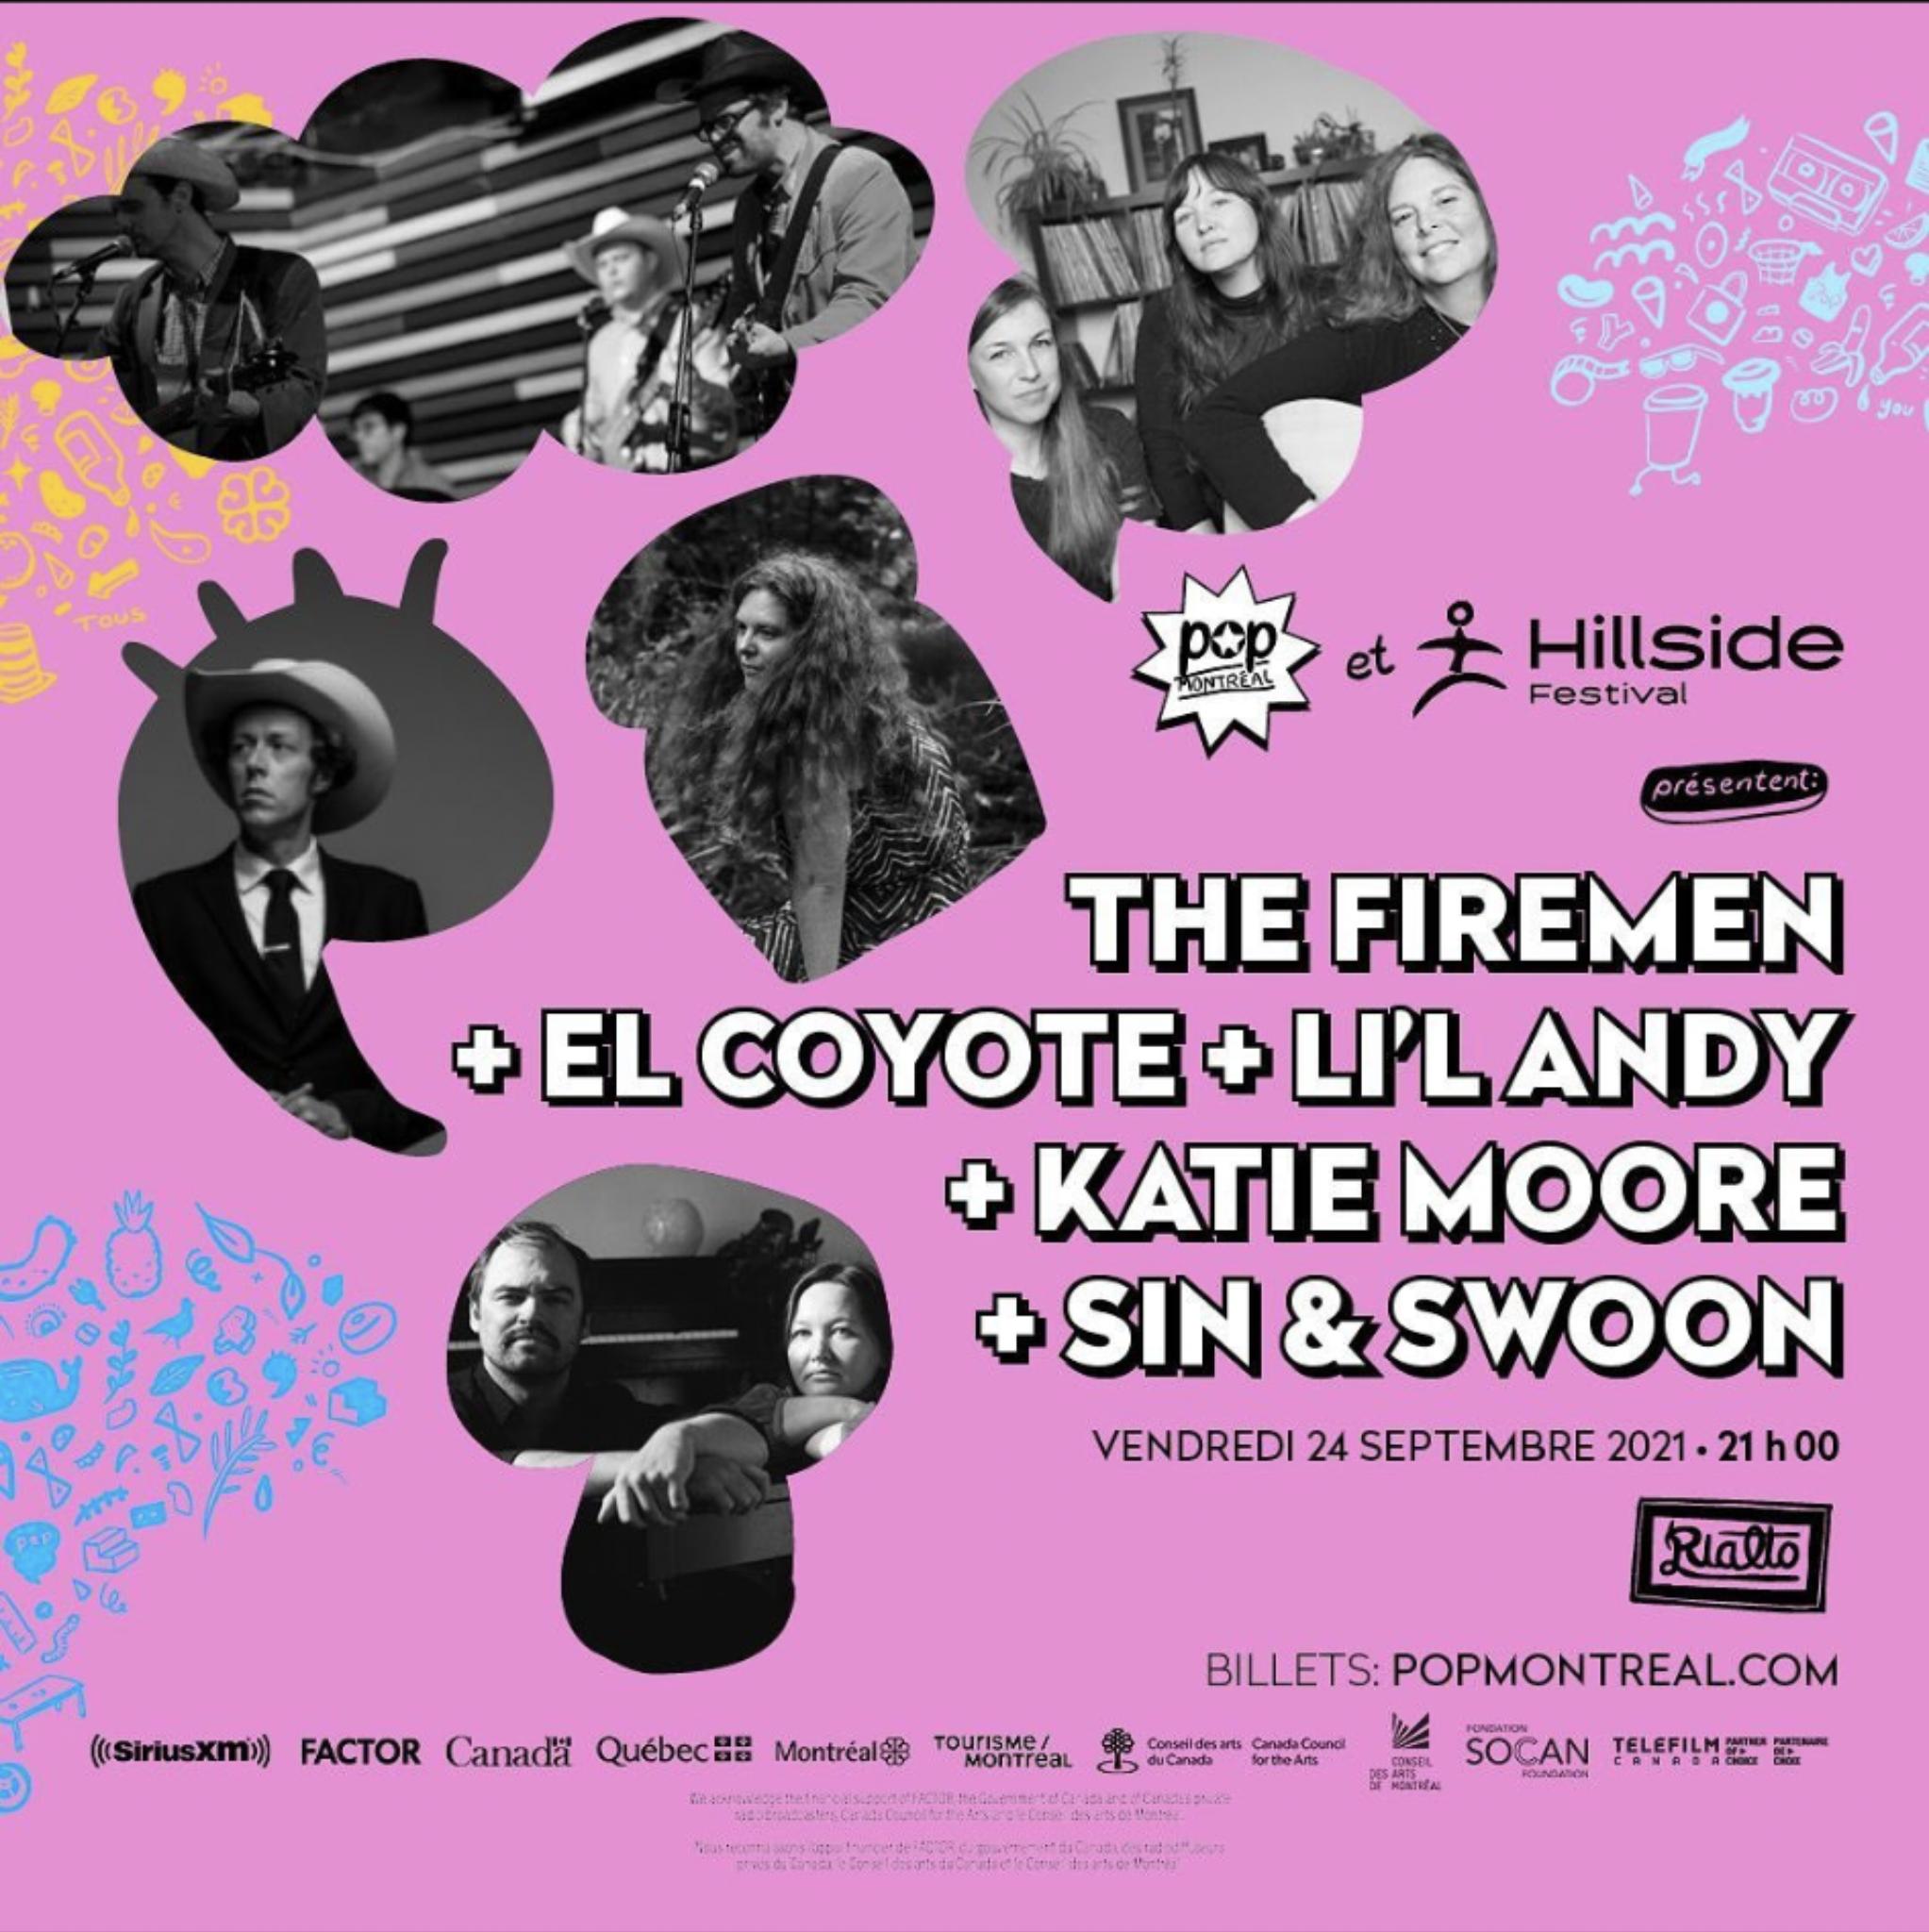 Poster for POP Montreal x Hillside Festival show